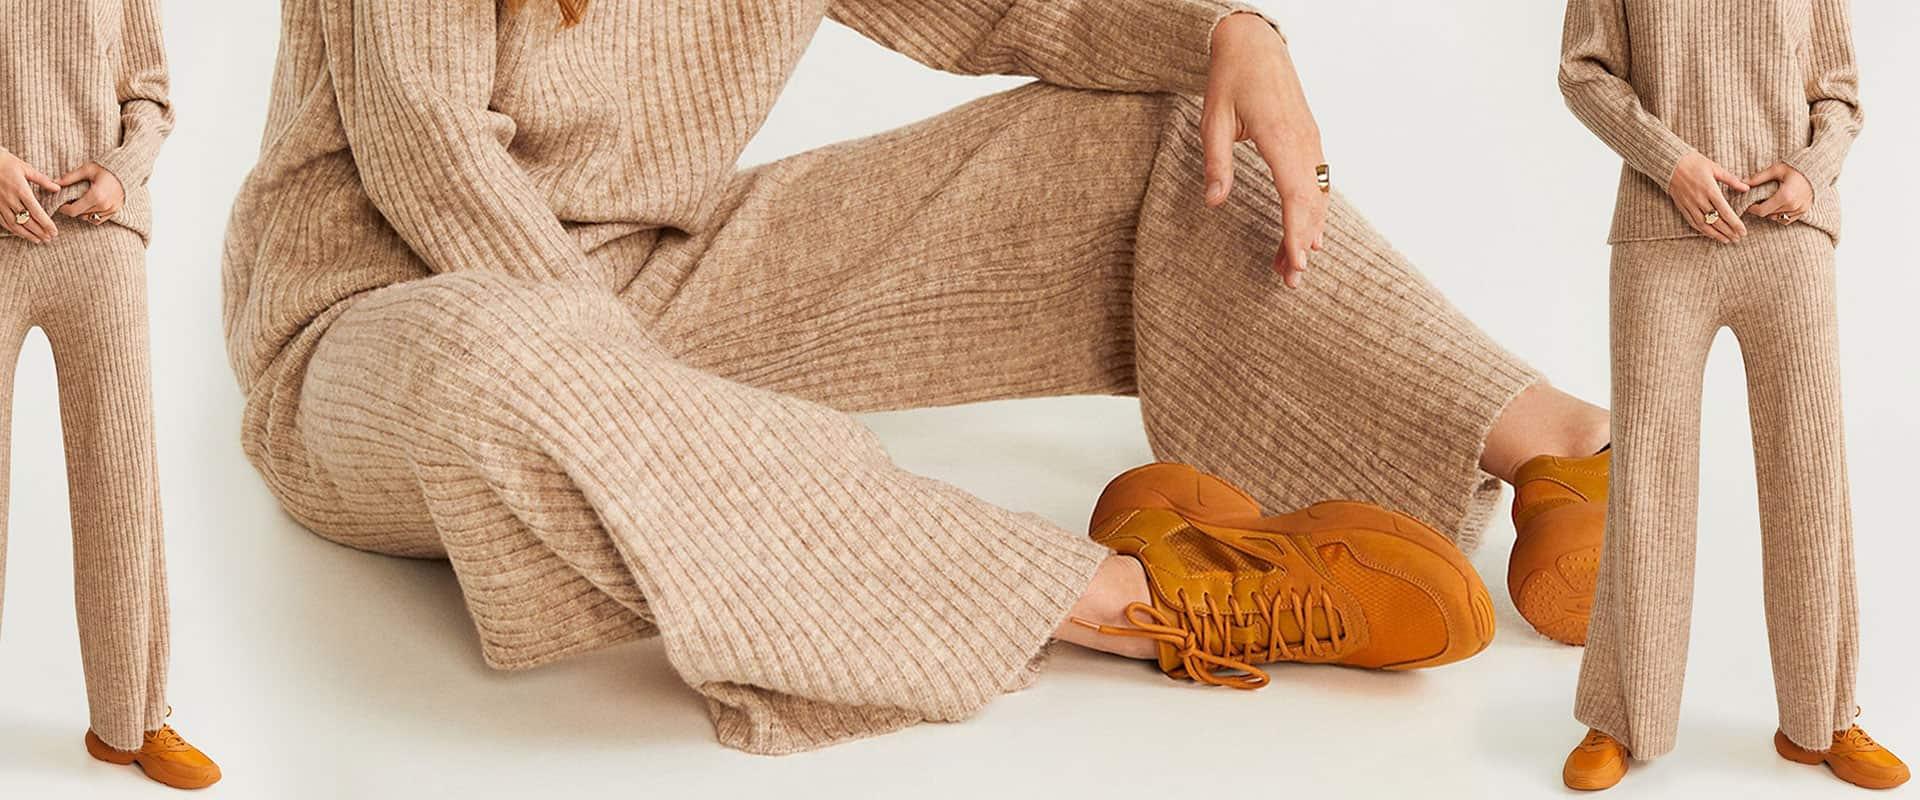 Estos-son-los-pantalones-que-necesitas-si-quieres-estar-cómoda-en-casa-PRUEBA